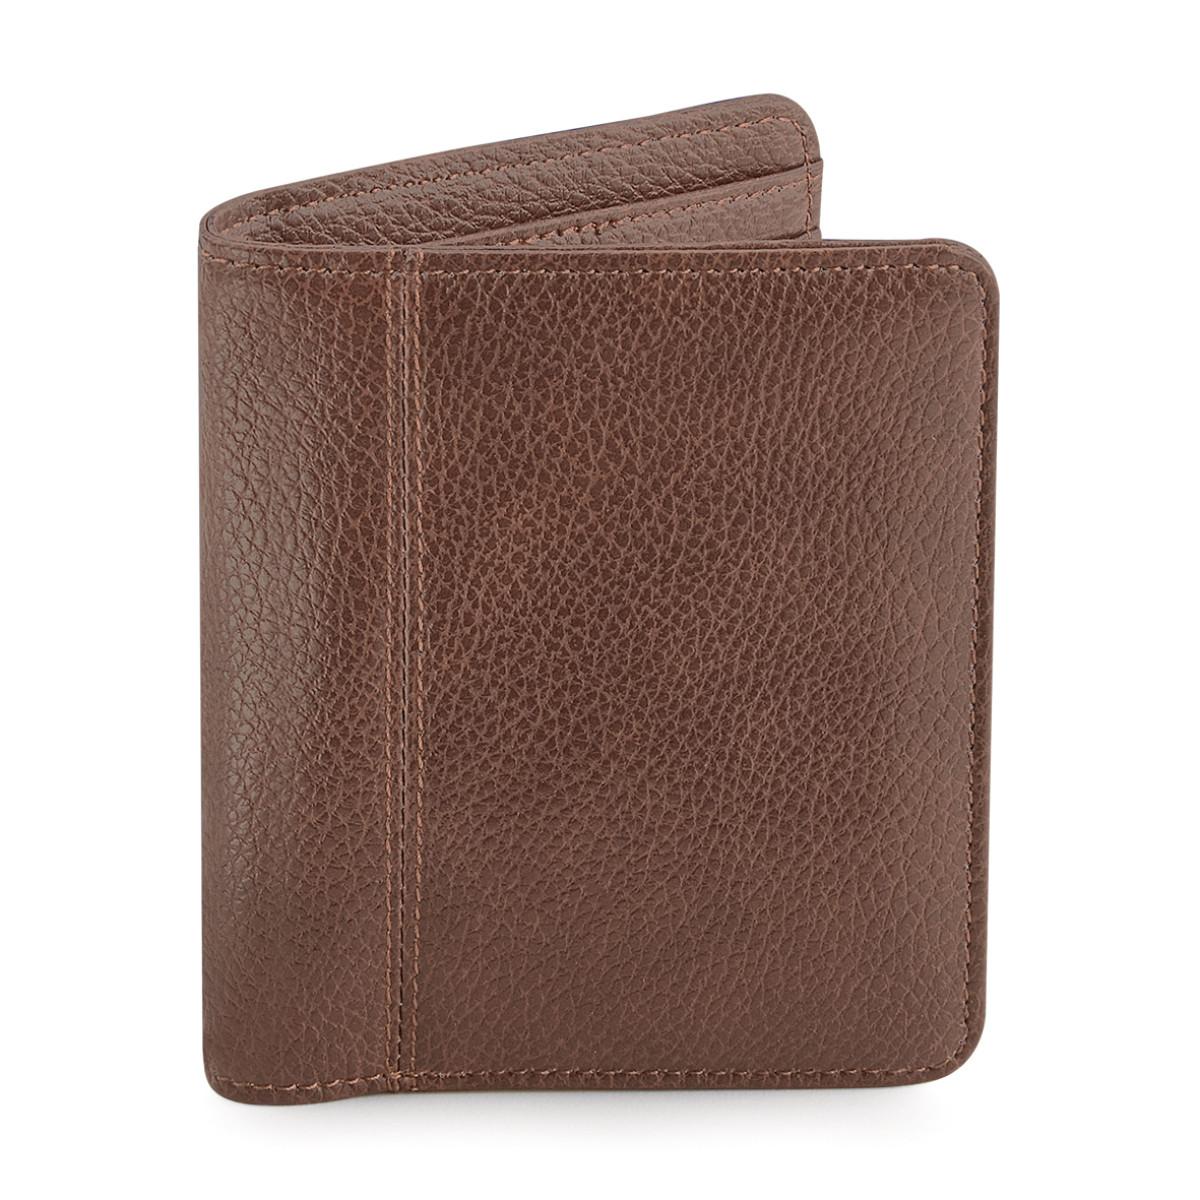 Quadra Nuhide Wallet